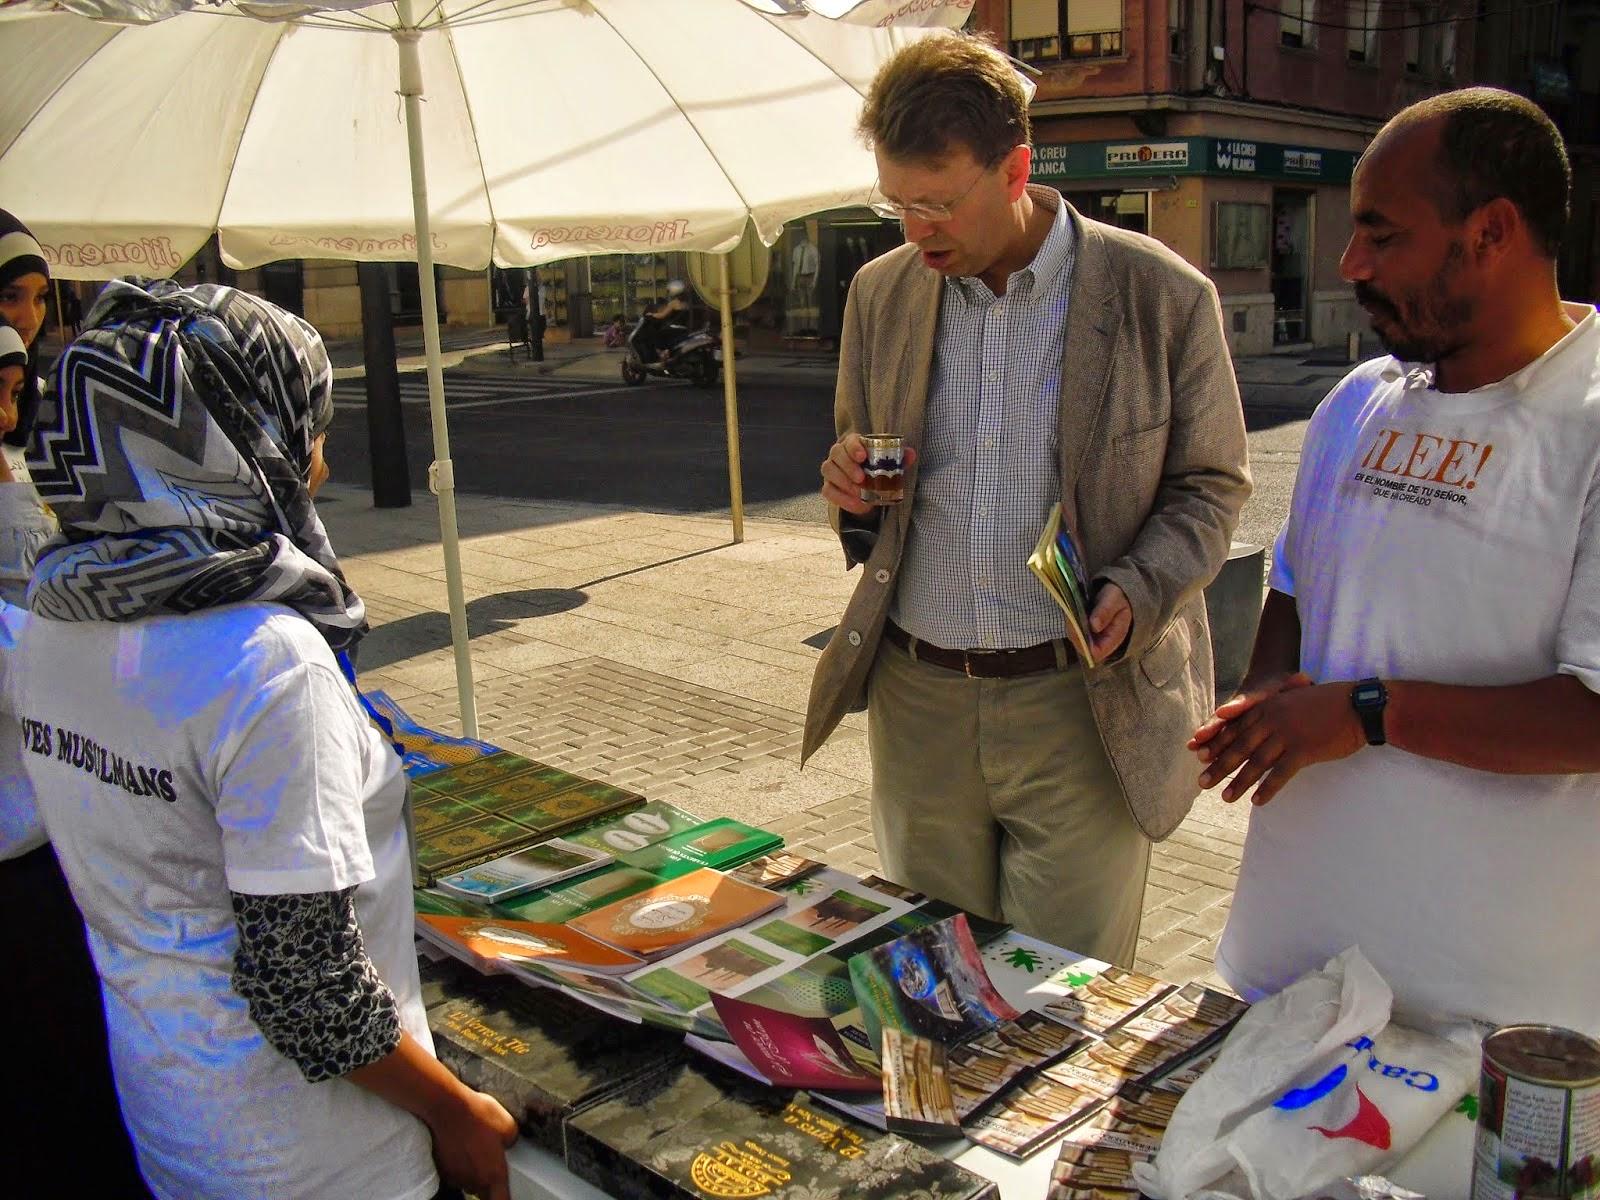 Entre Tazas De Te Y Dulces Arabes Los Visitantes No Paraban De Preguntar A Los Organizadores Sobre Temas Relacionados Con El Islam Y La Cultura Musulmana